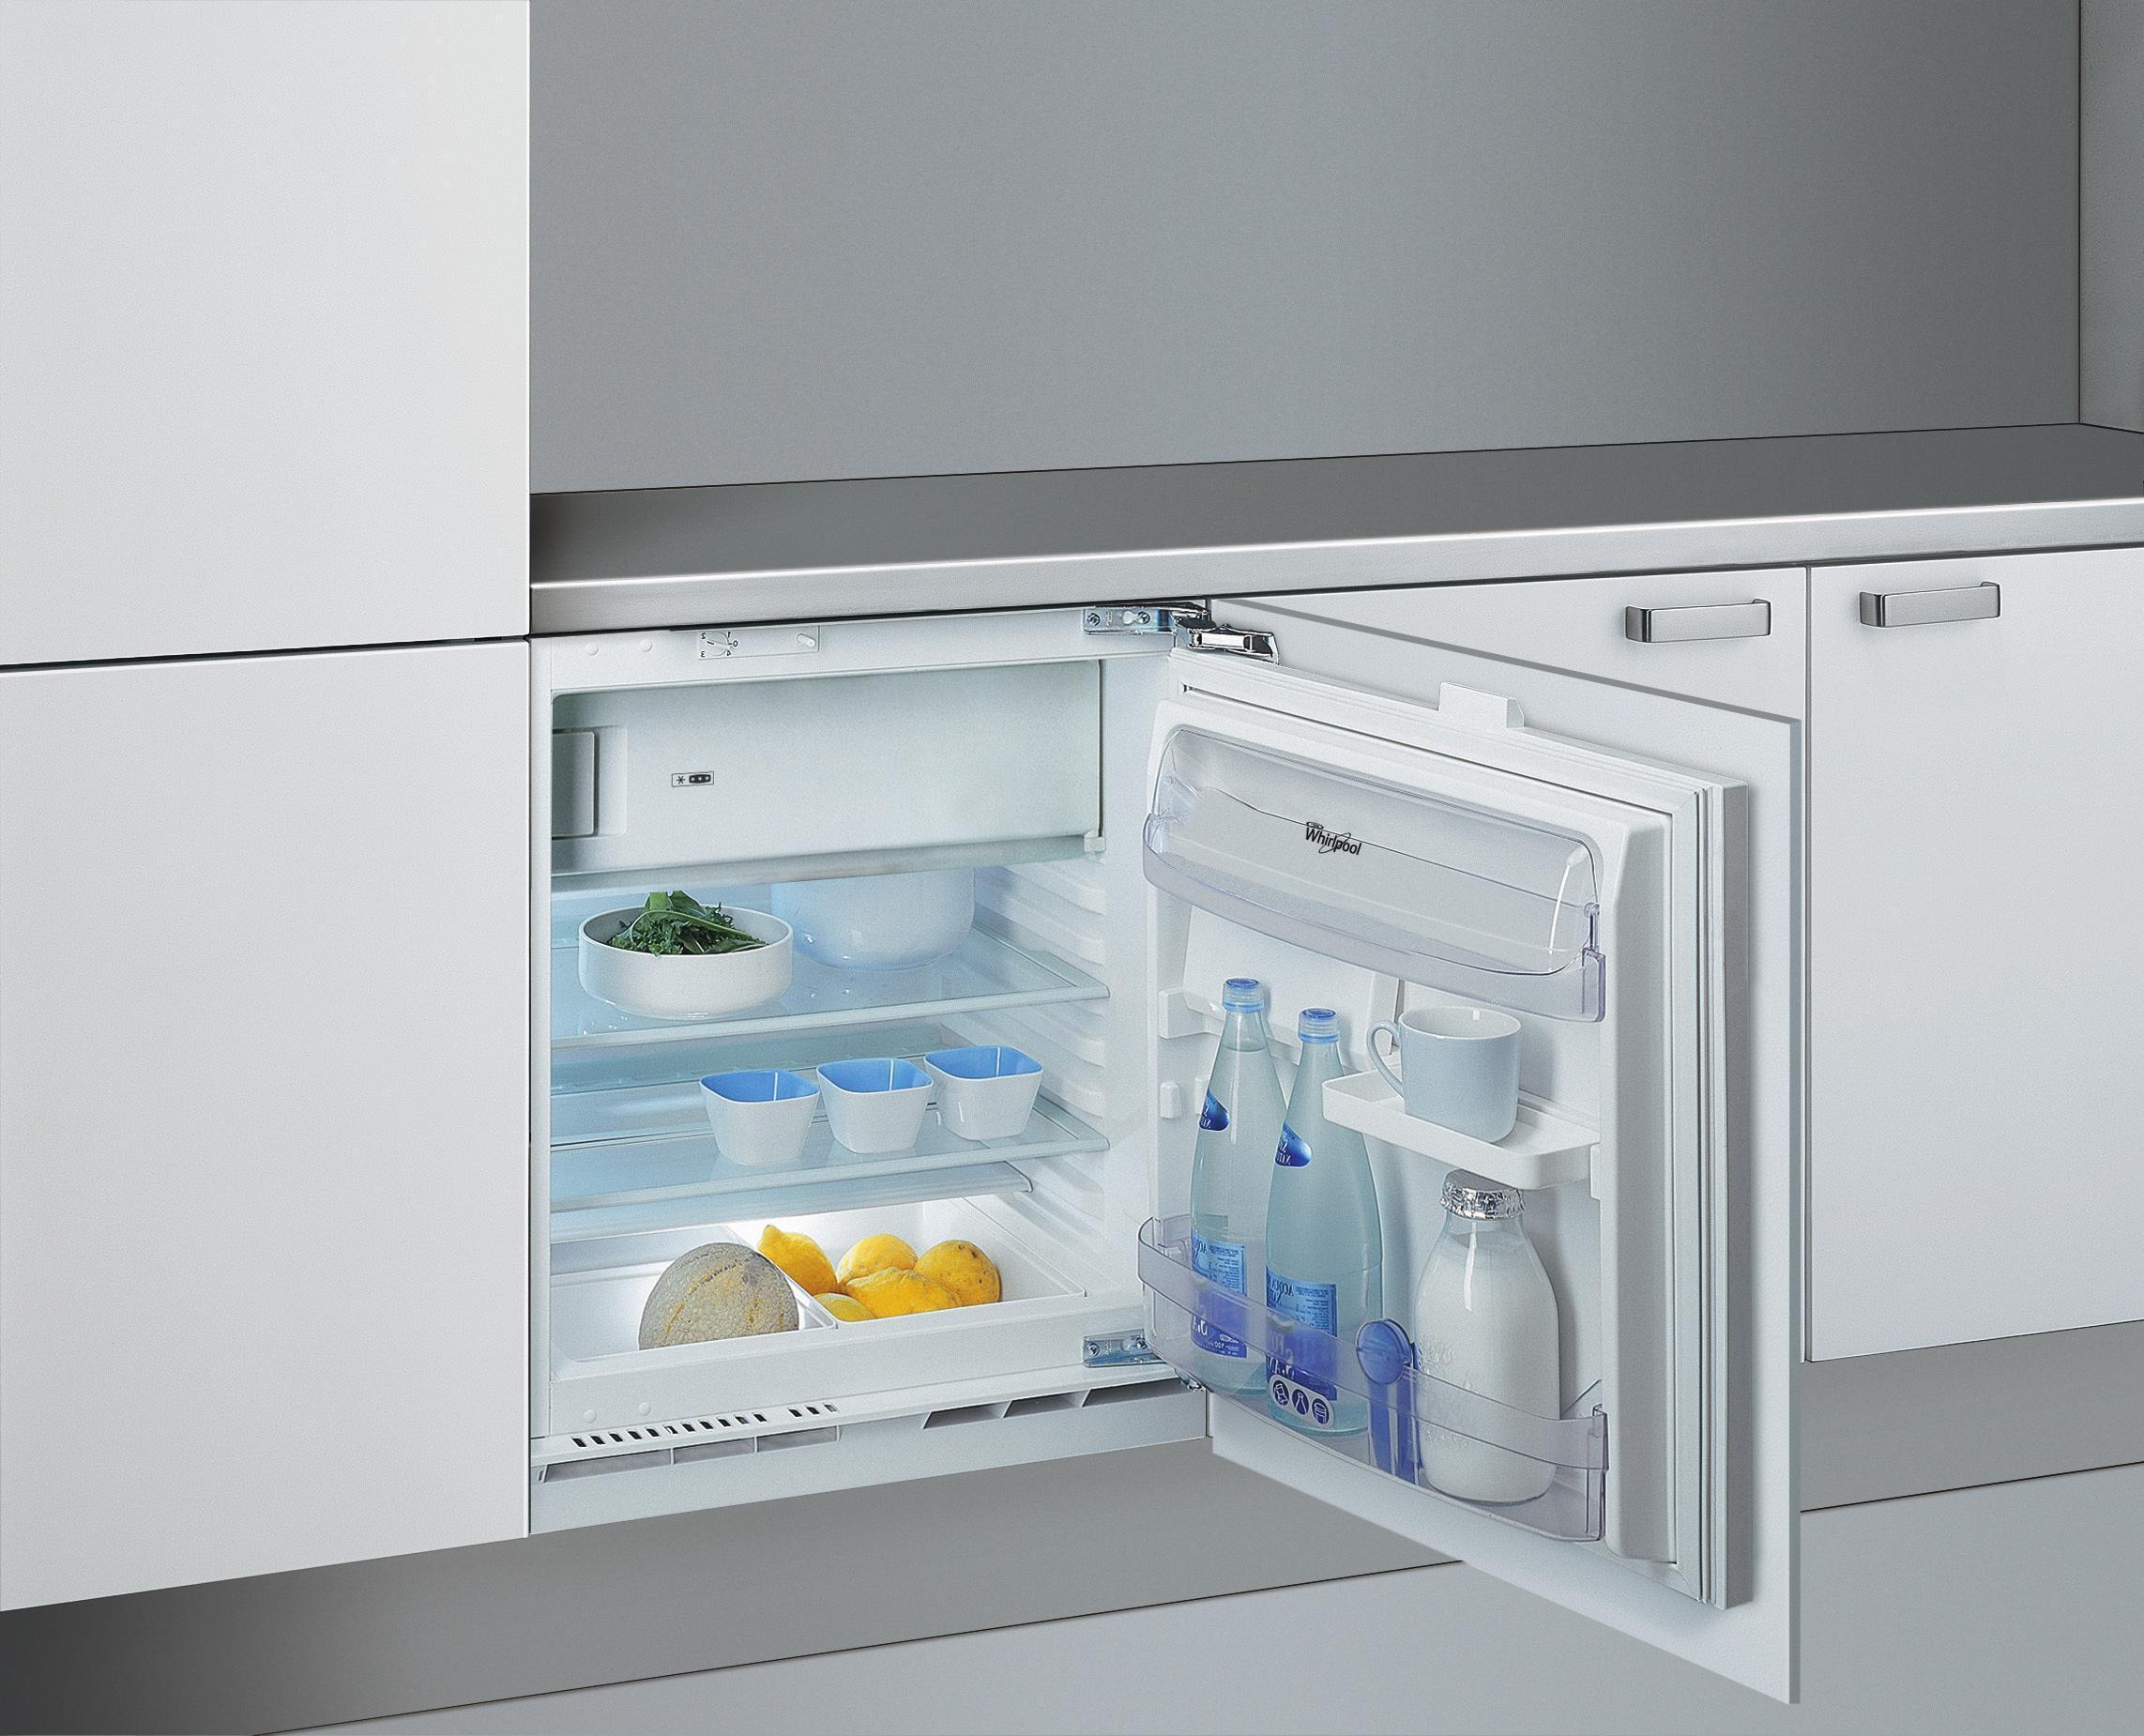 Siemens Unterbau Kühlschrank Mit Gefrierfach : Whirlpool unterbaukühlschrank mit gefrierfach arg a